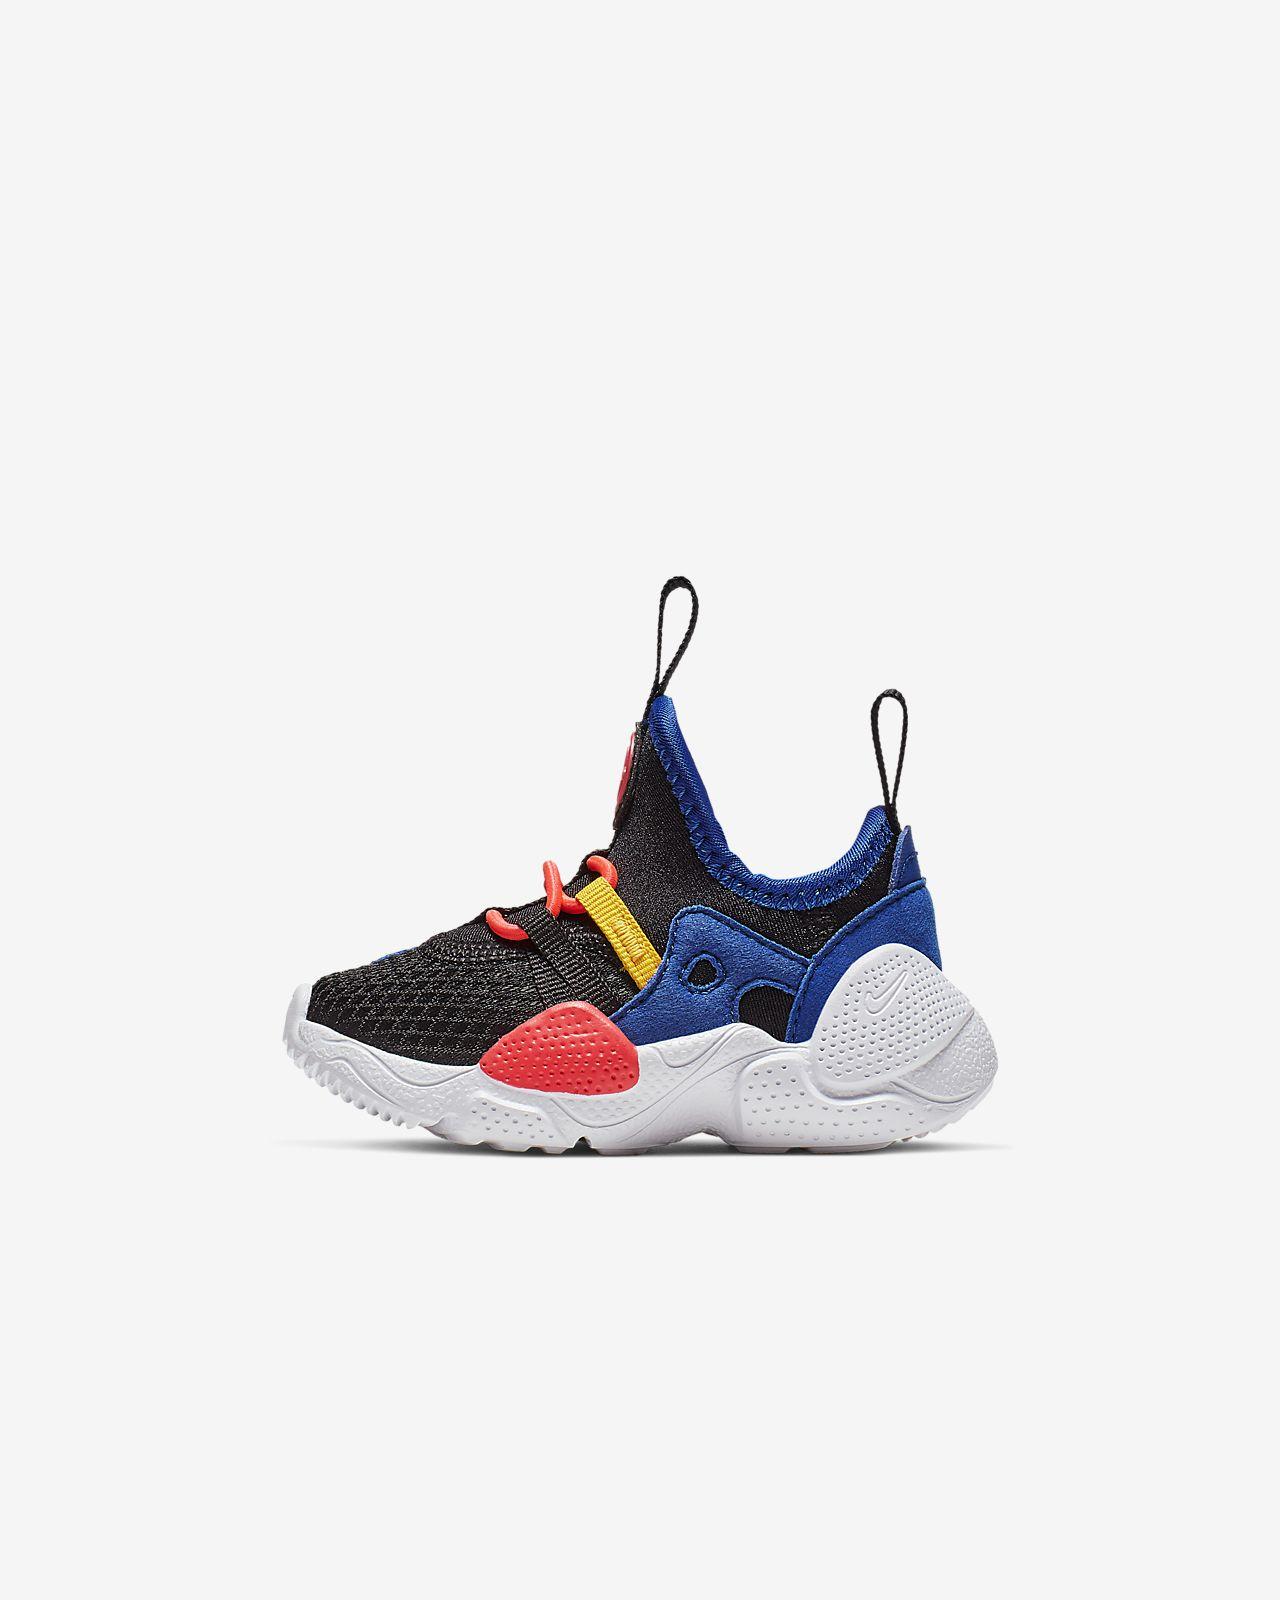 Nike Huarache E.D.G.E. TXTBT婴童运动童鞋